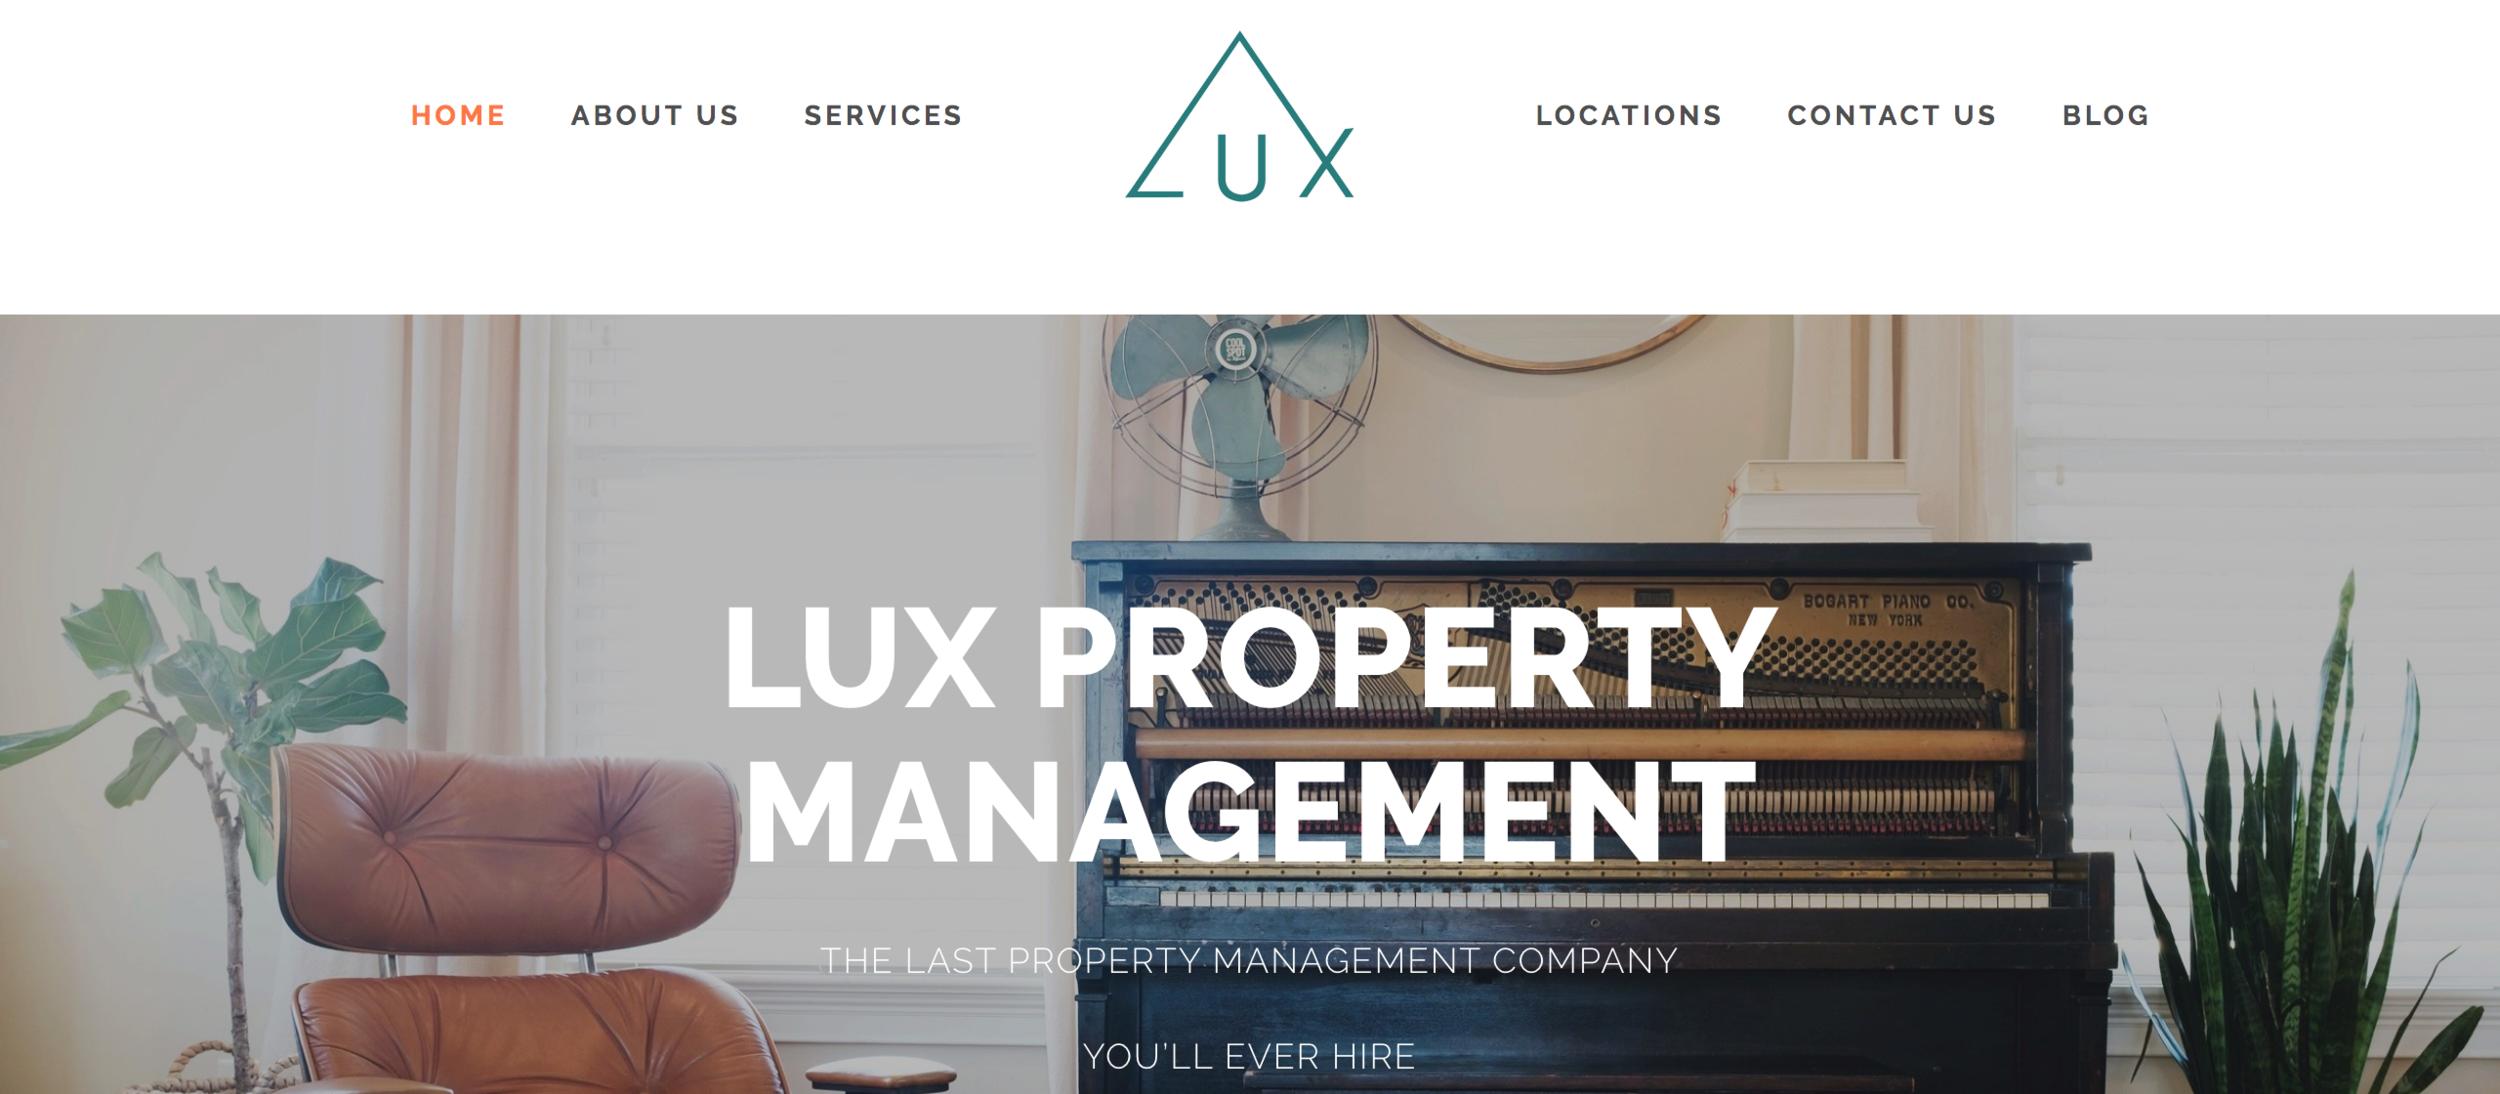 luxwebsitedesignalyssaackerman